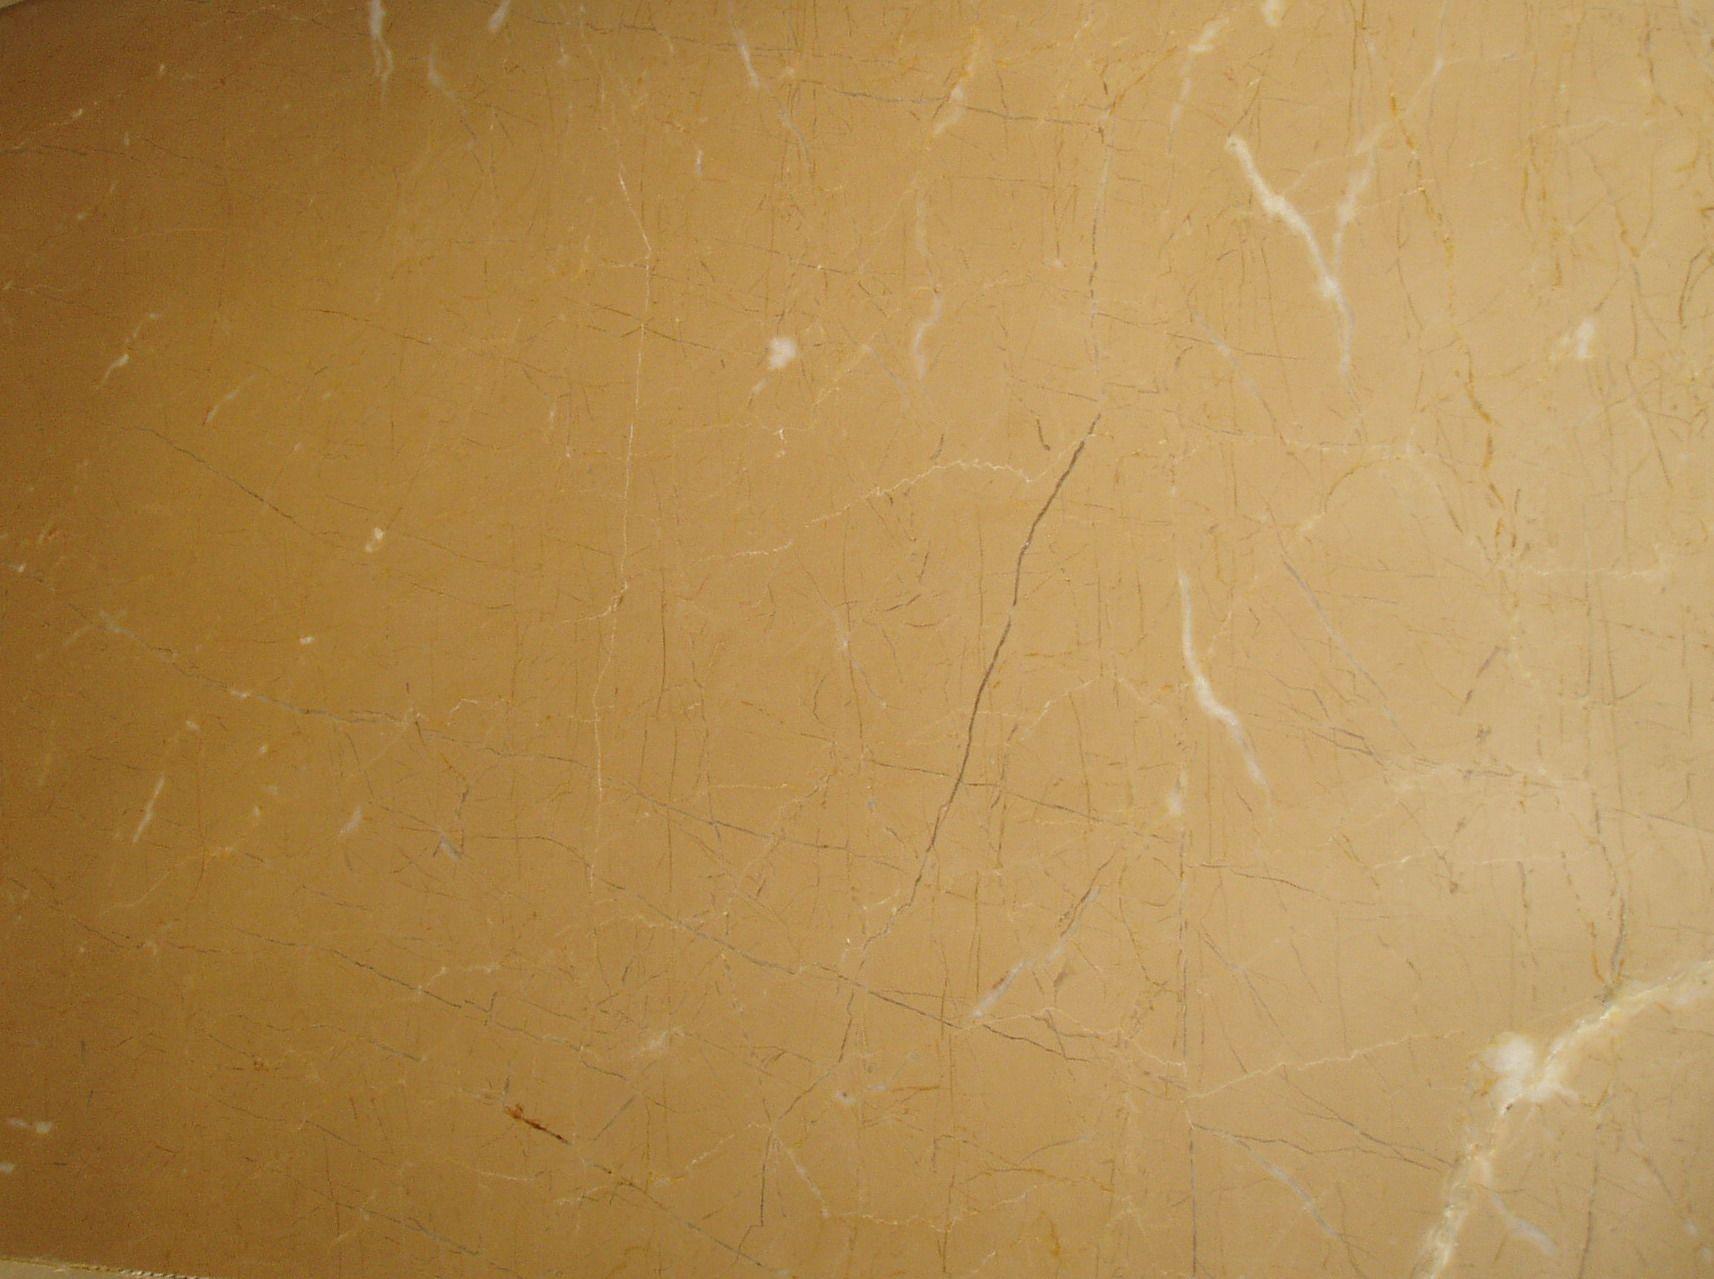 欧式深黄色大理石贴图